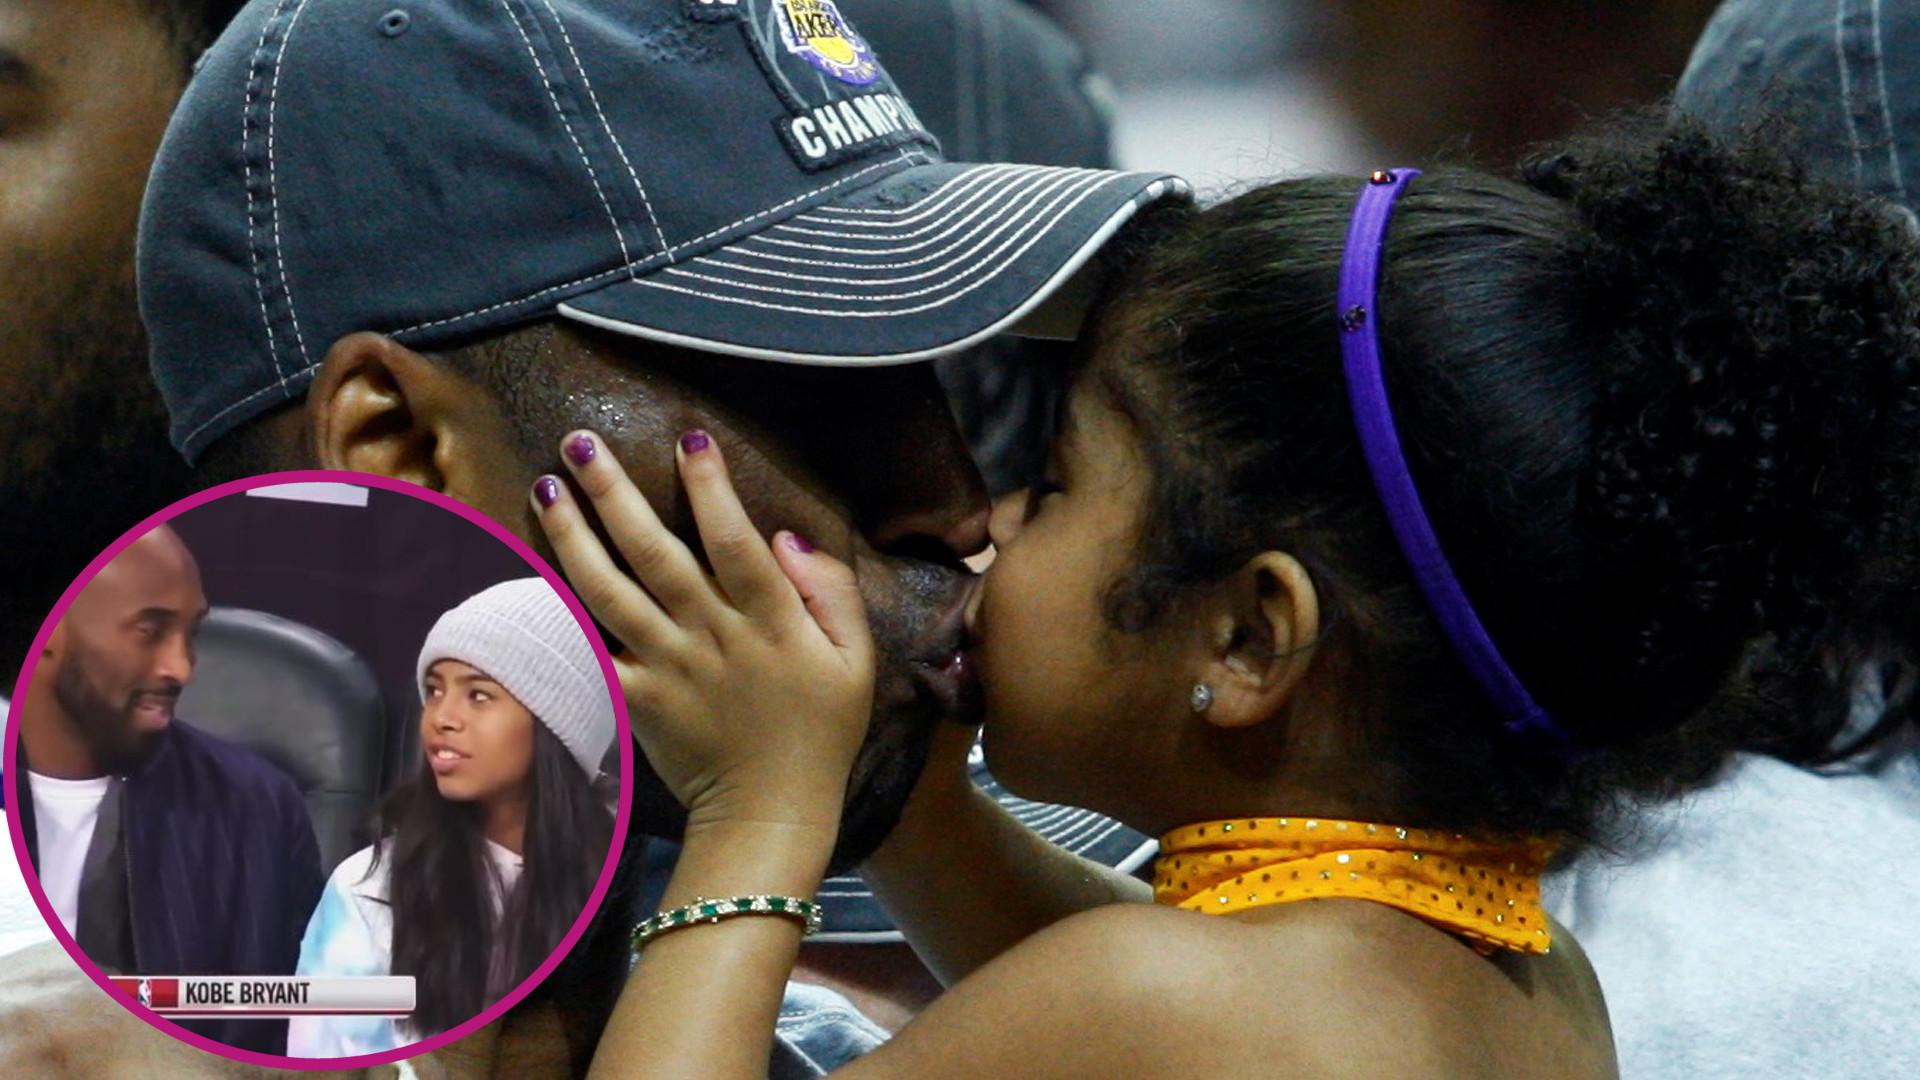 Poruszające nagranie Kobe Bryanta z córką, Gianną – miała pójść w jego ślady. Oboje zginęli w katastrofie helikoptera